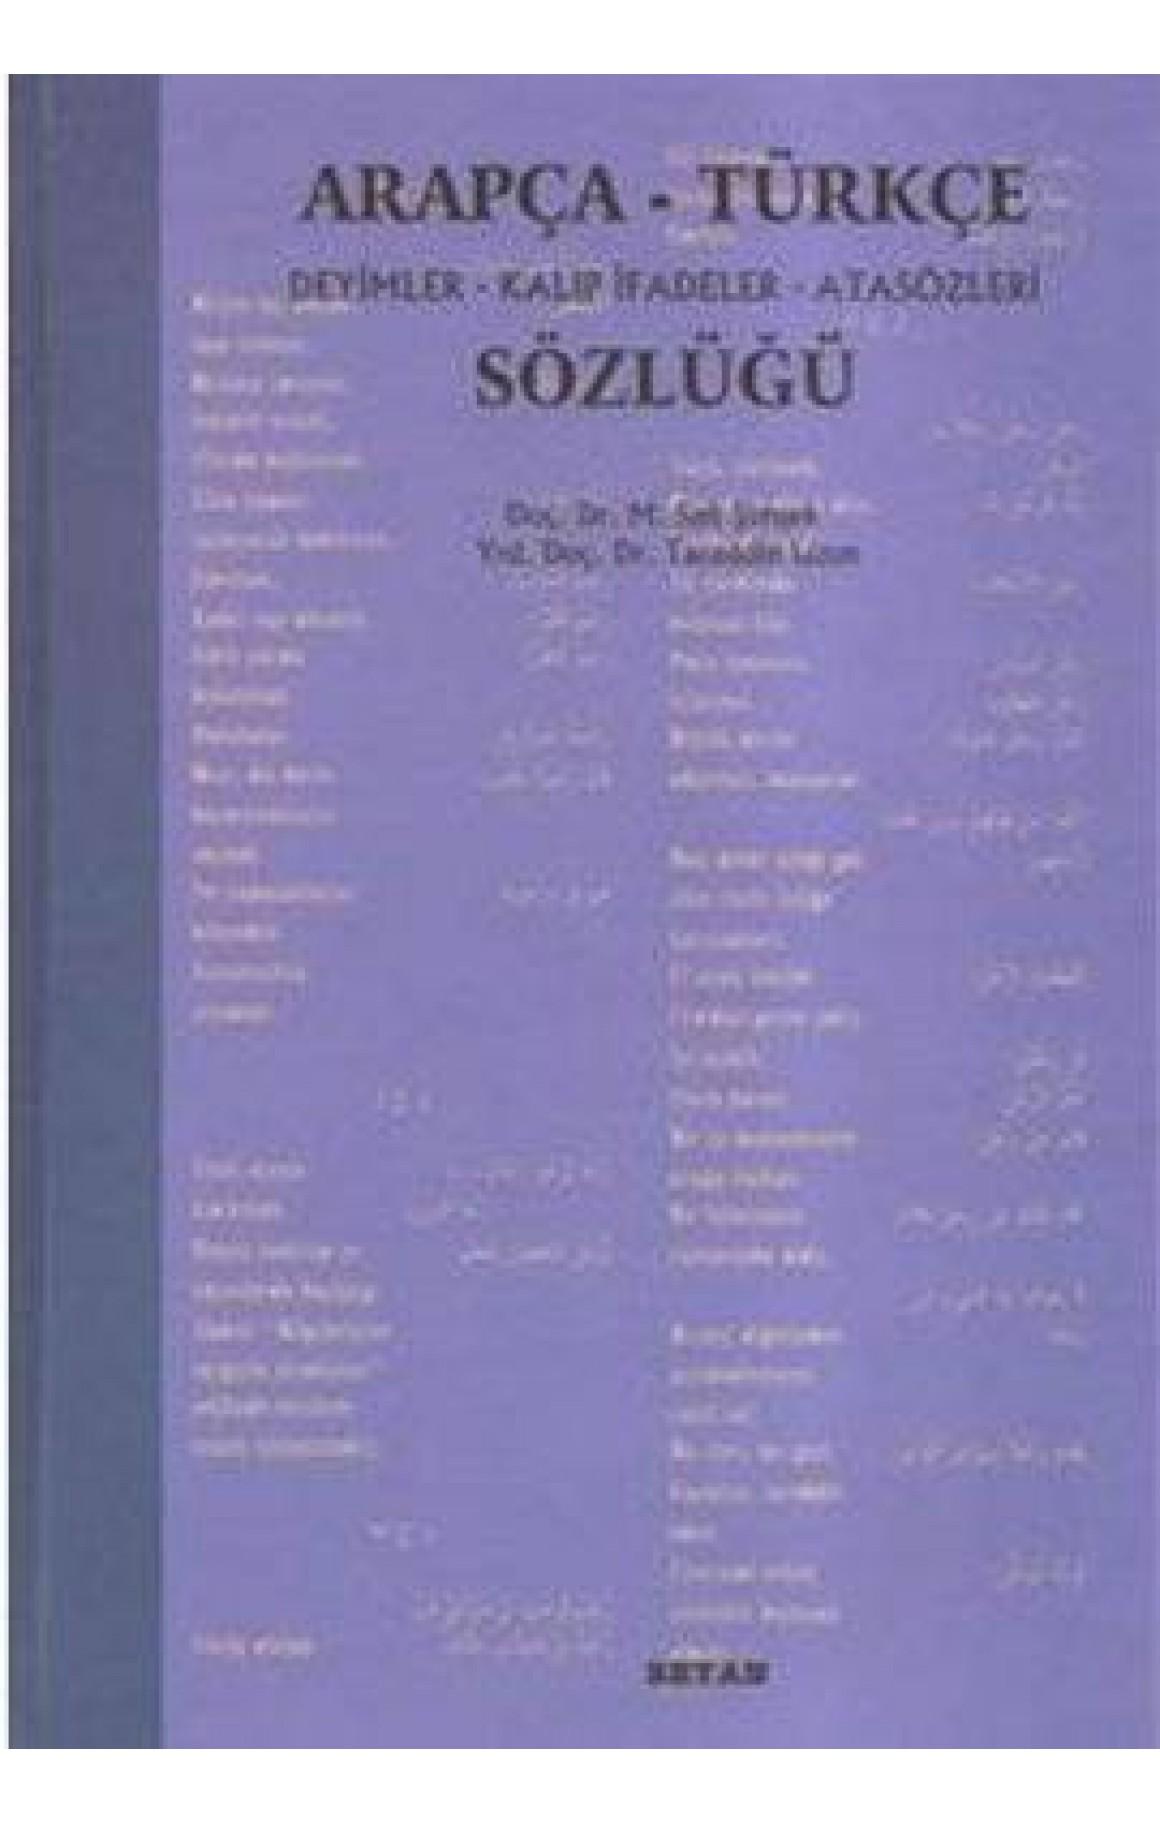 Arapça-Türkçe Deyimler Kalıp İfadeler Atasözleri Sözlüğü